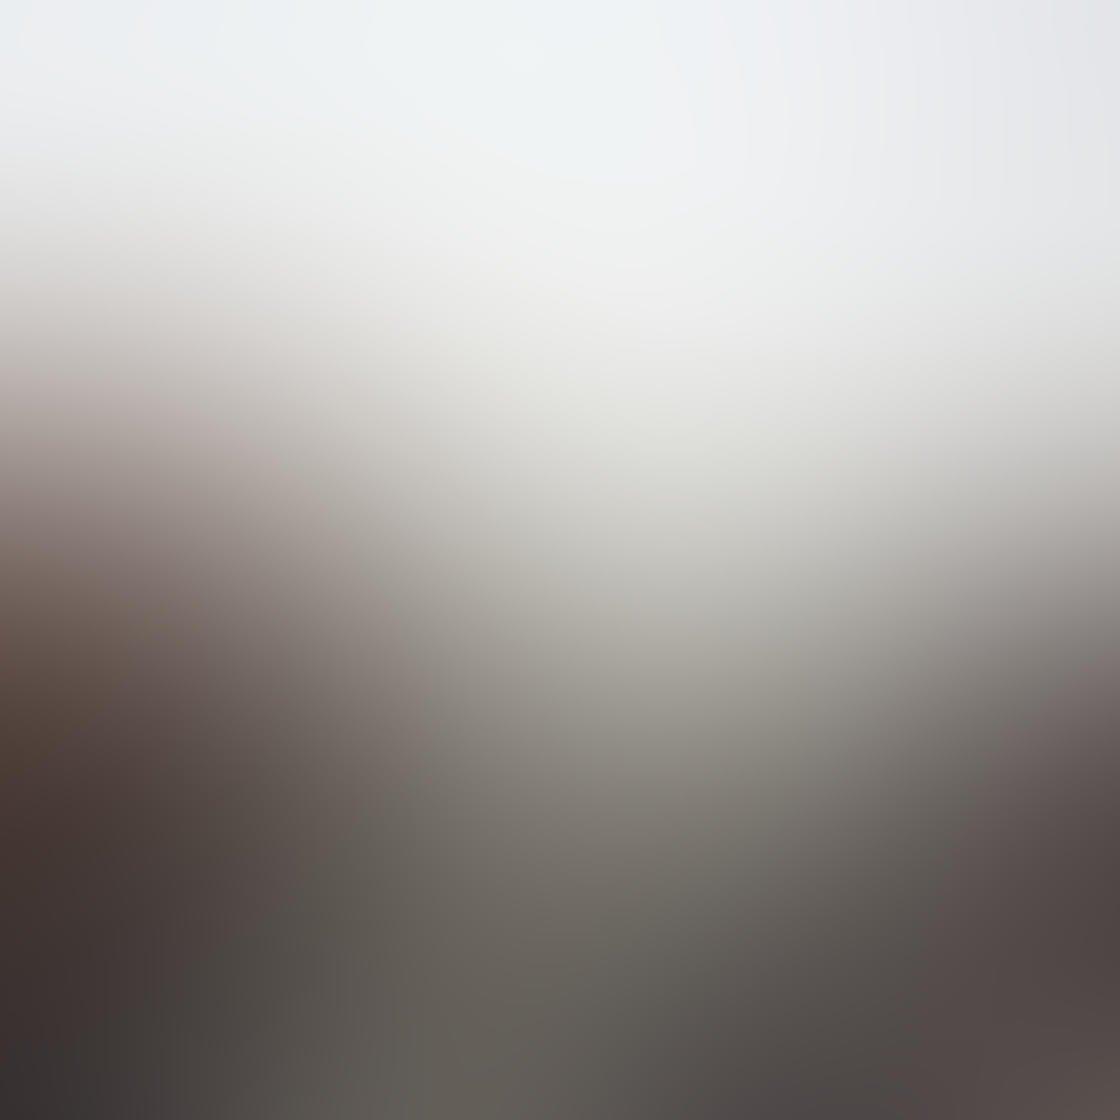 Fog & Mist iPhone Photos 25